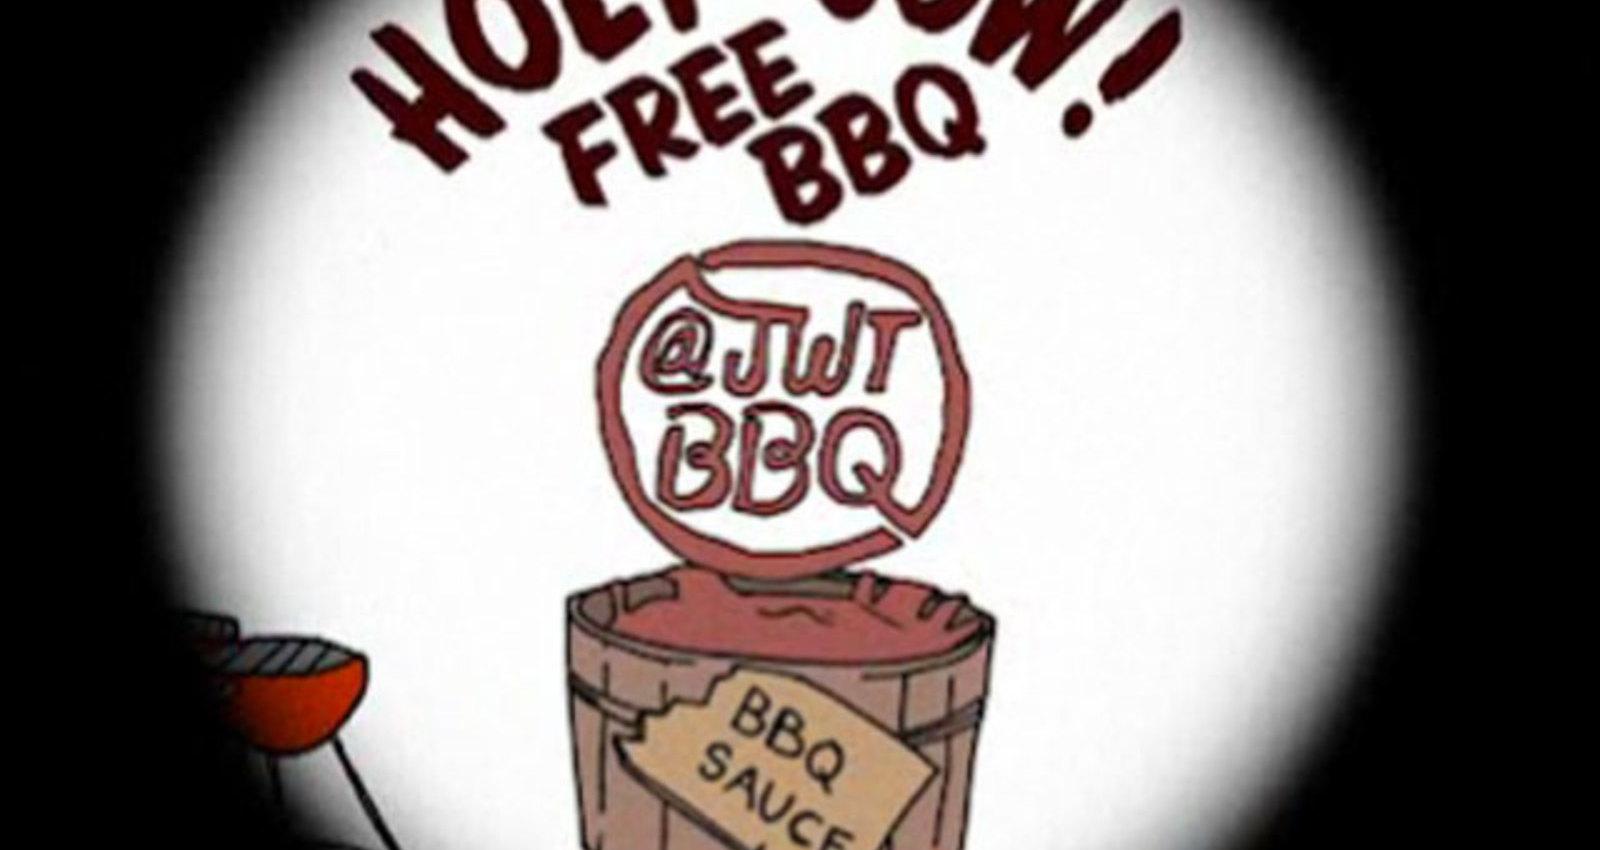 JWT BBQ